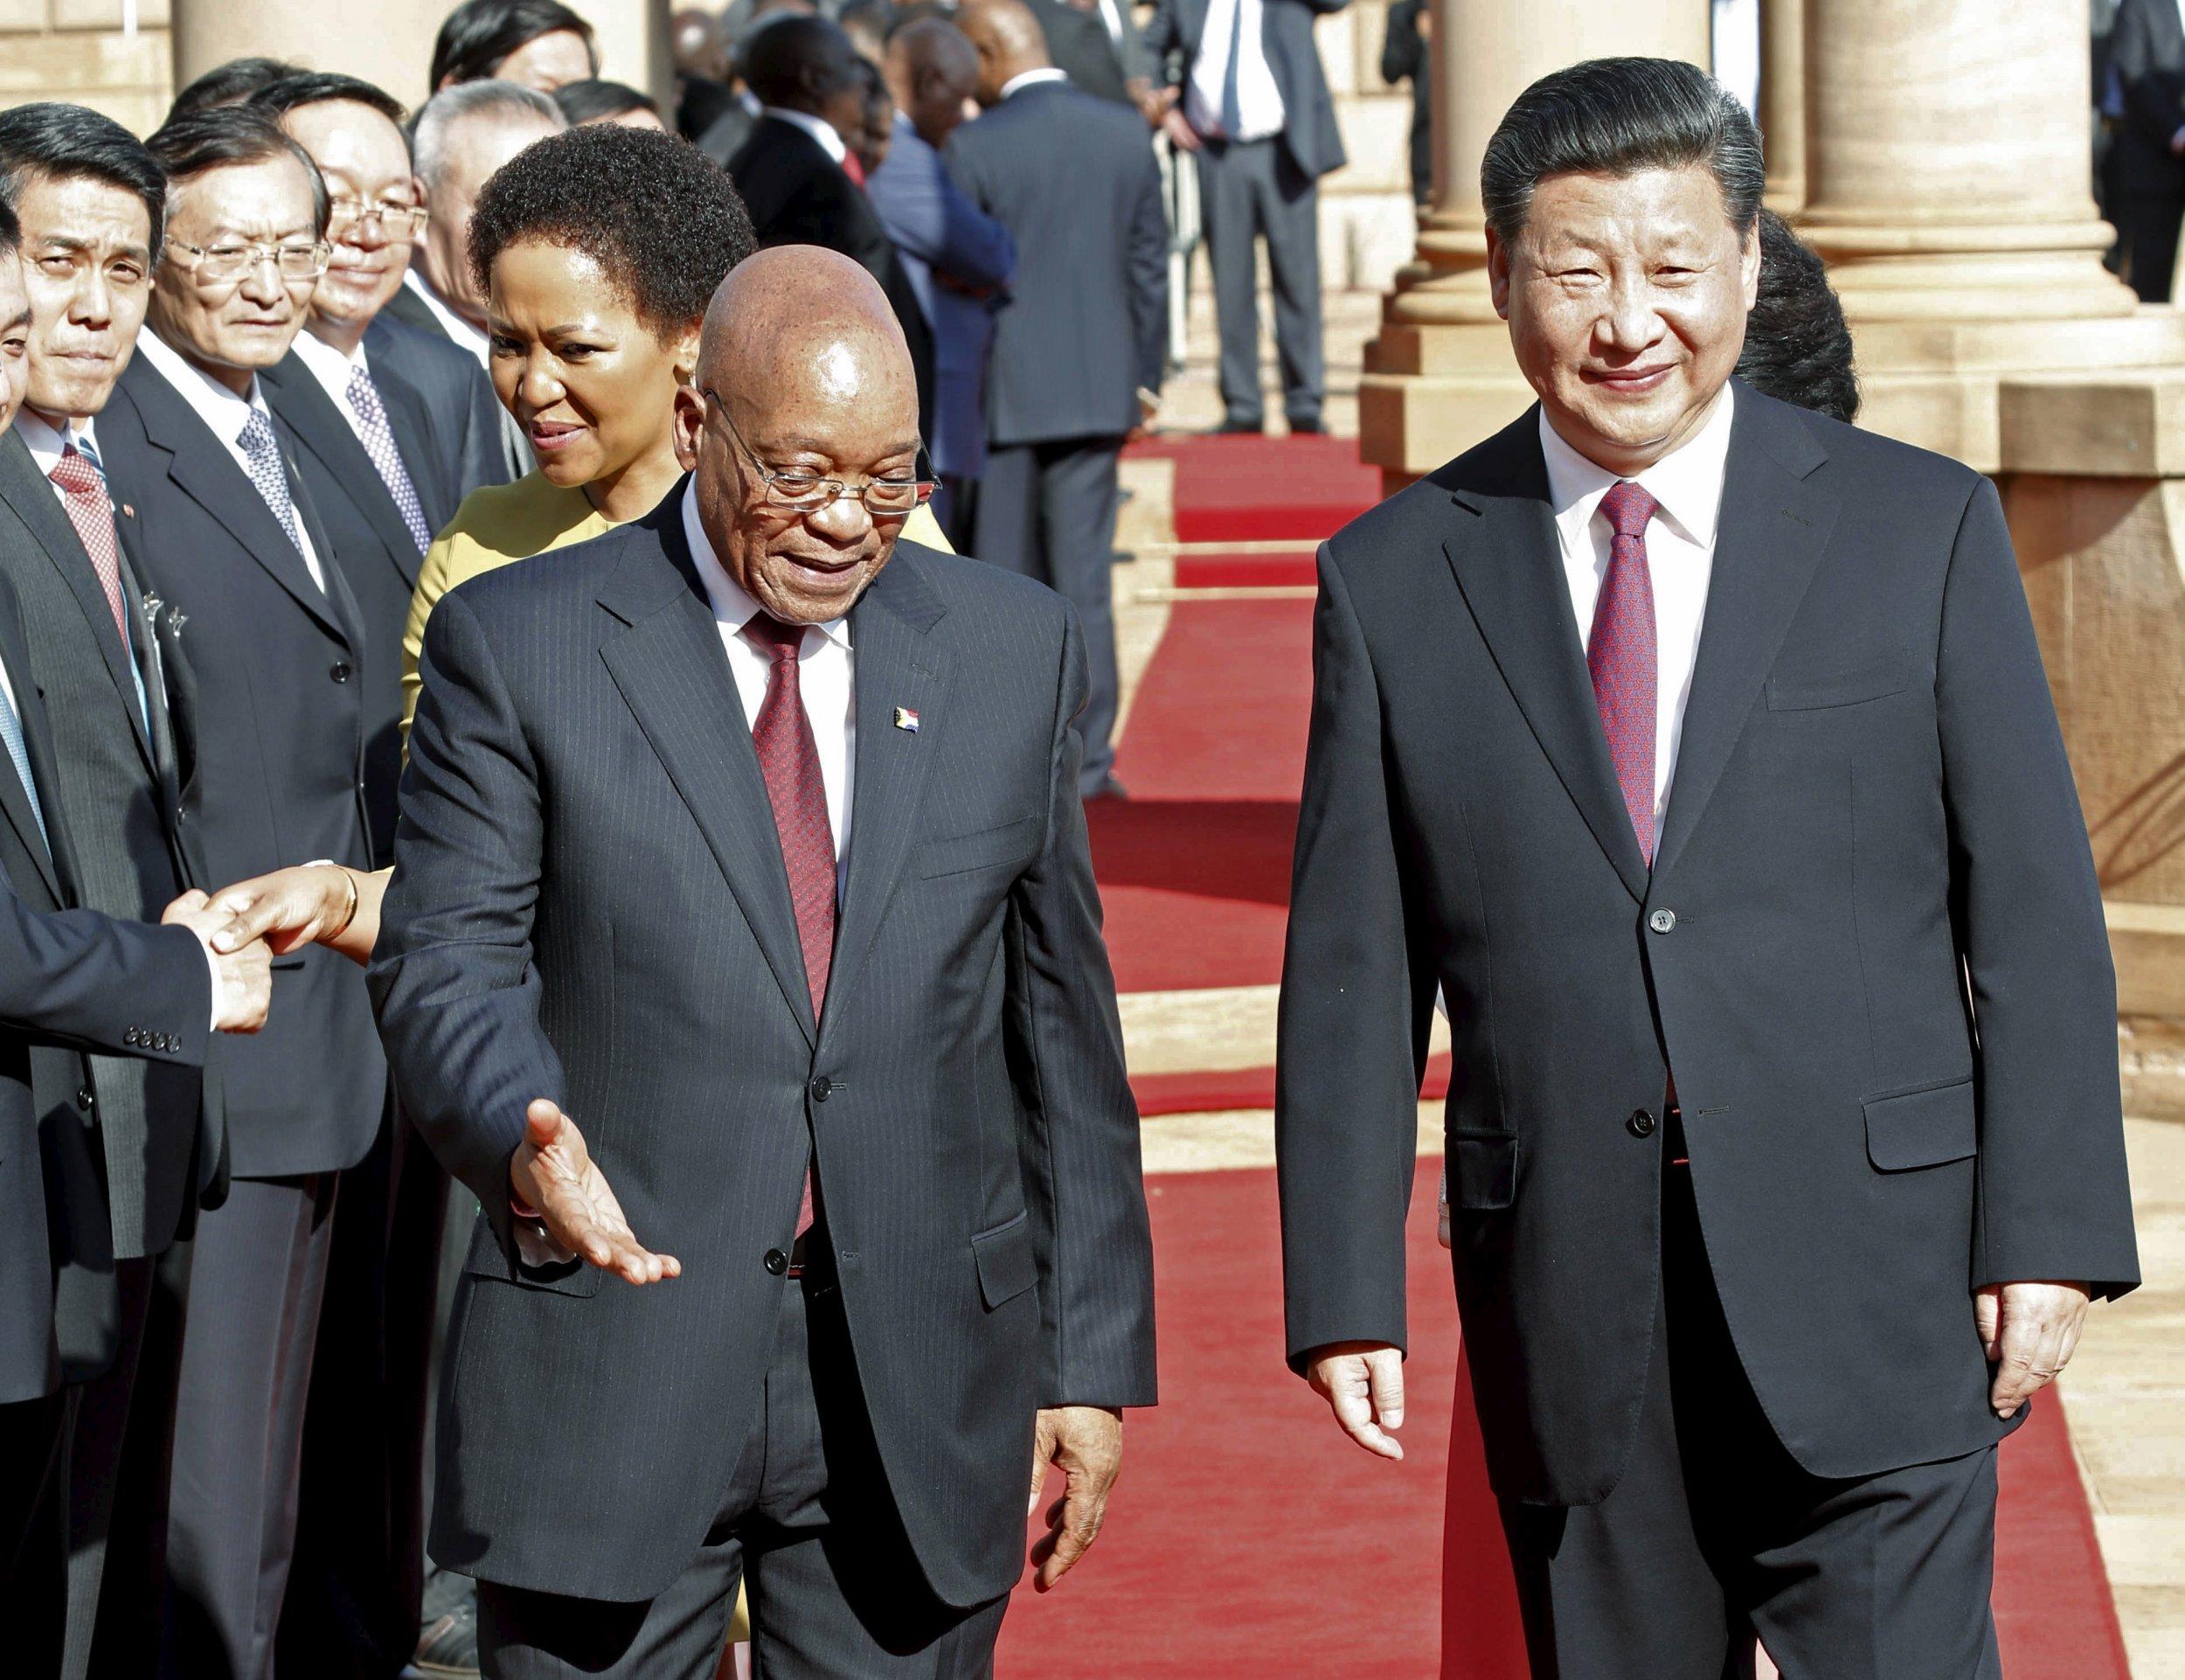 1203_Xi Jinping Jacob Zuma